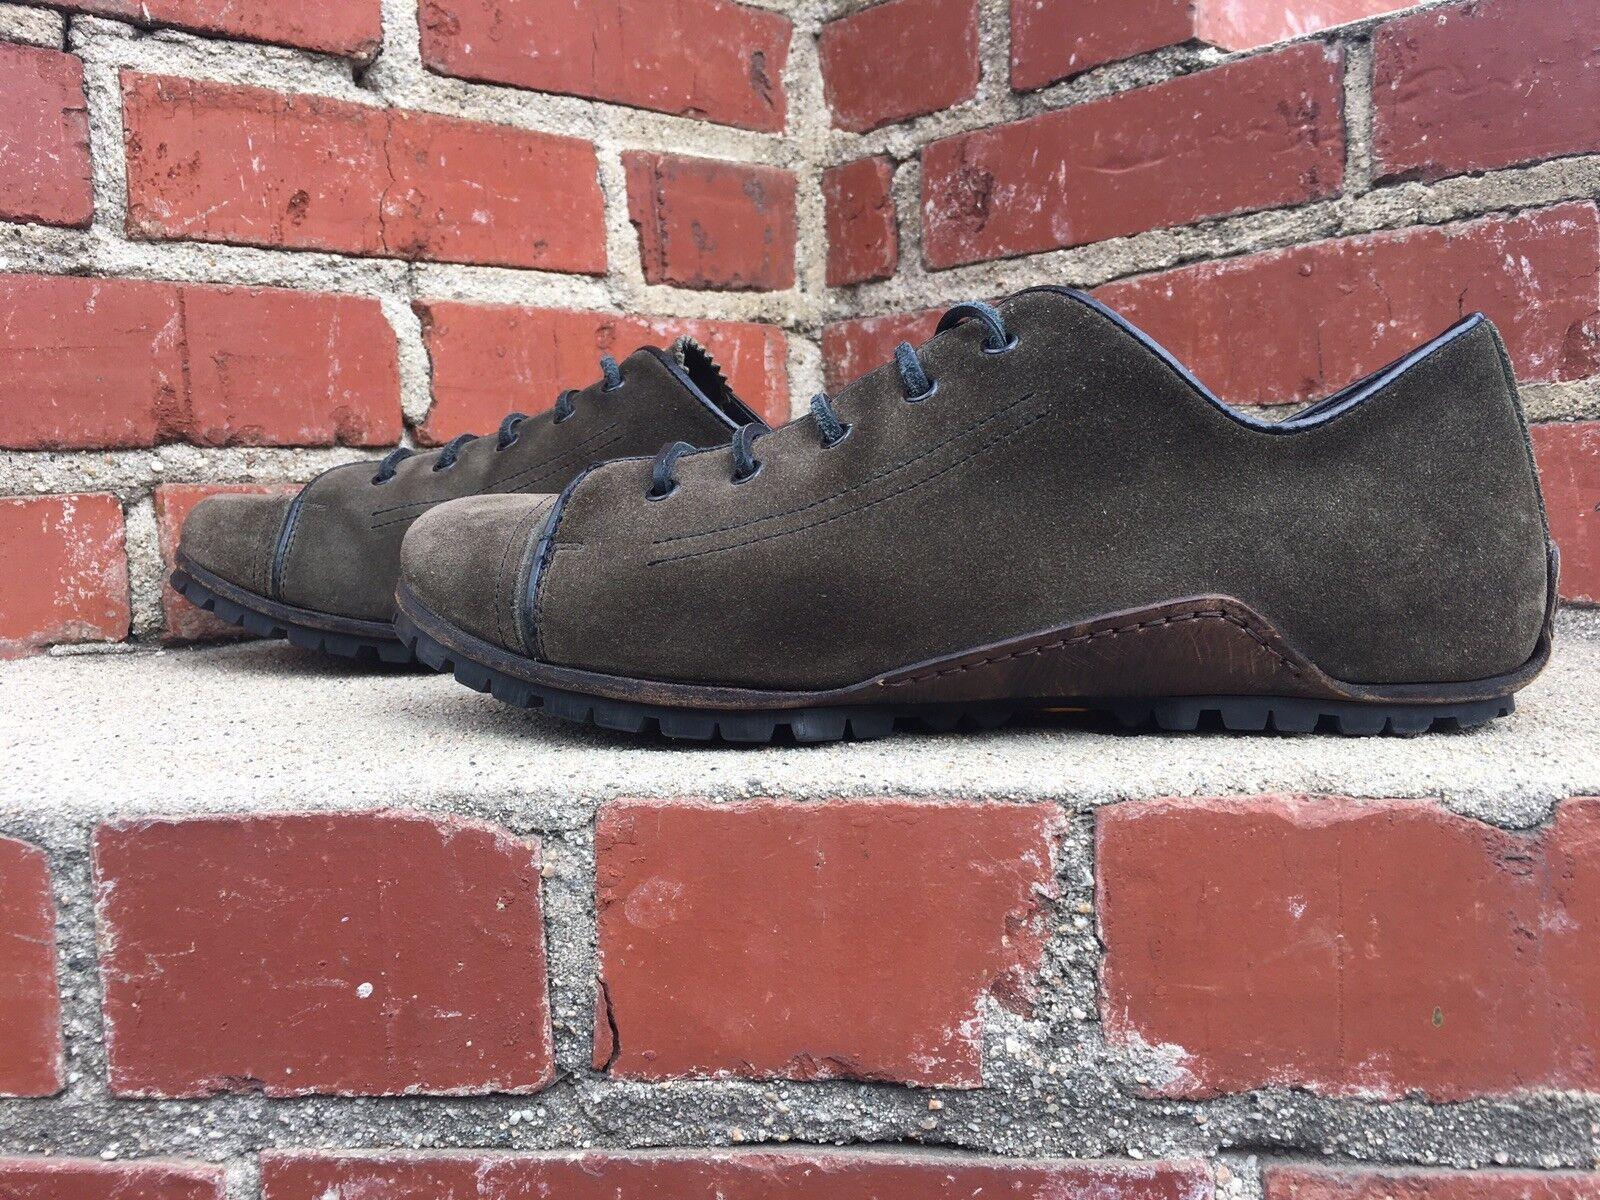 Bruno Bordese verde italiano Suela Vibram Informal Zapato Zapato Zapato De Gamuza Para Mujeres Tamaño 11.5  Seleccione de las marcas más nuevas como